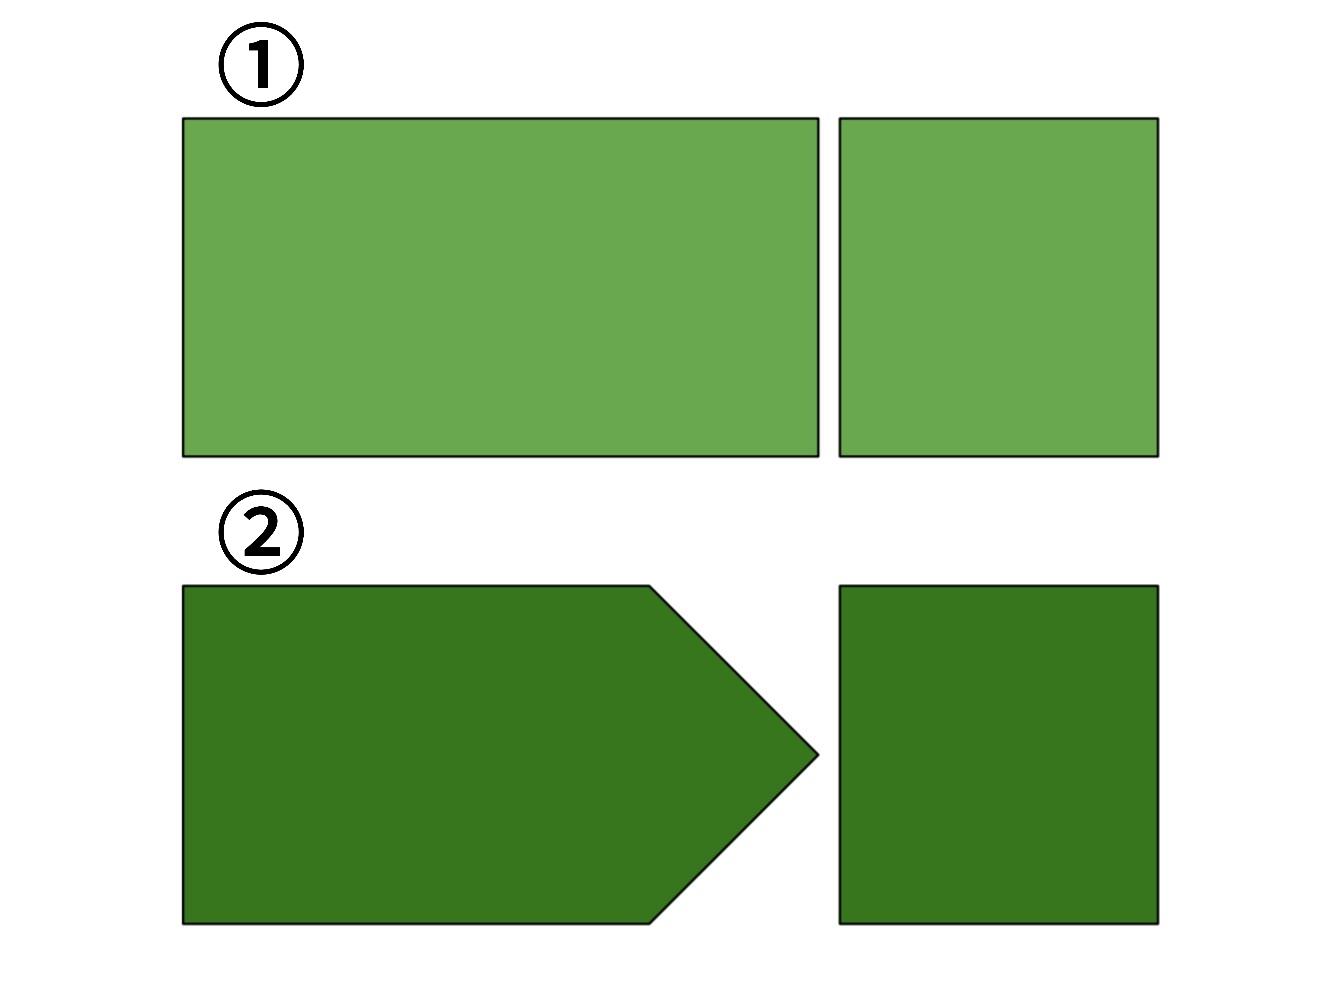 8分の6拍子の四分音符の吹き方のイメージ図